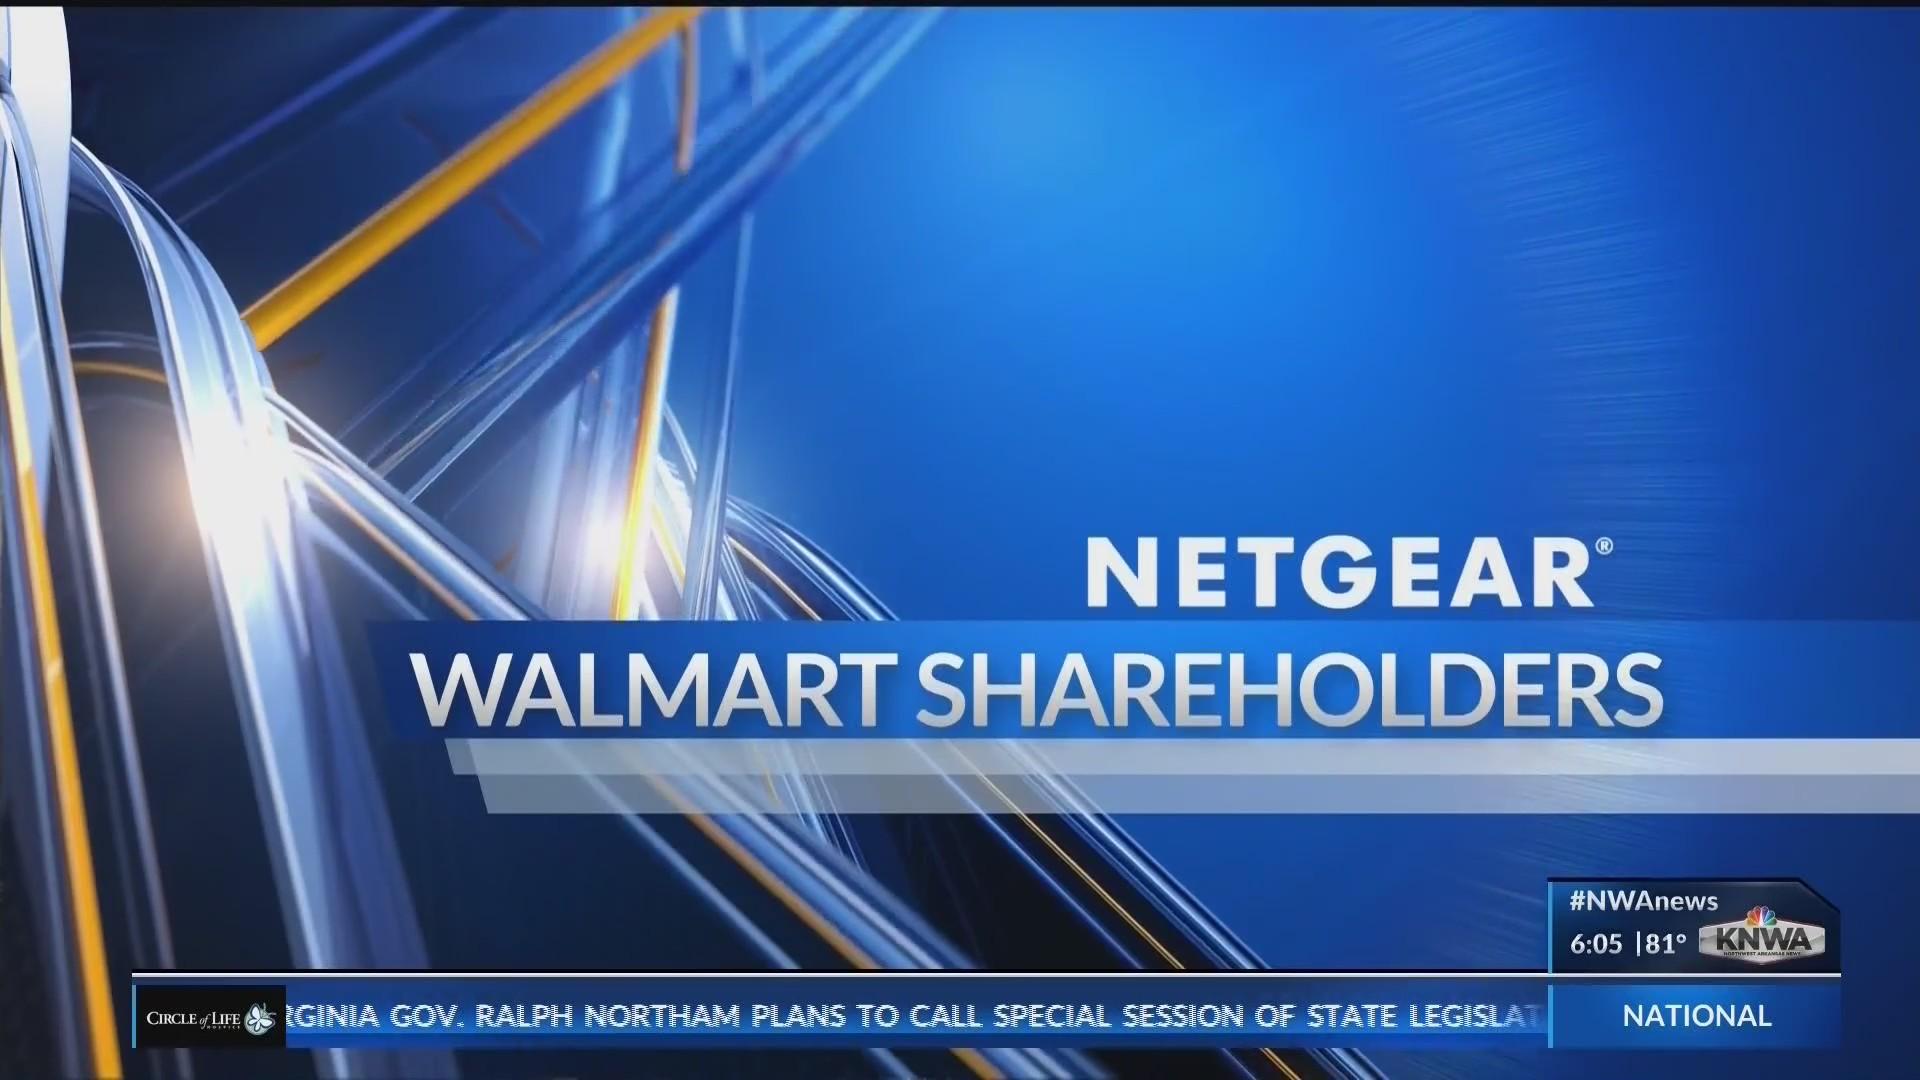 walmart shareholder_1559752013425.jpg.jpg